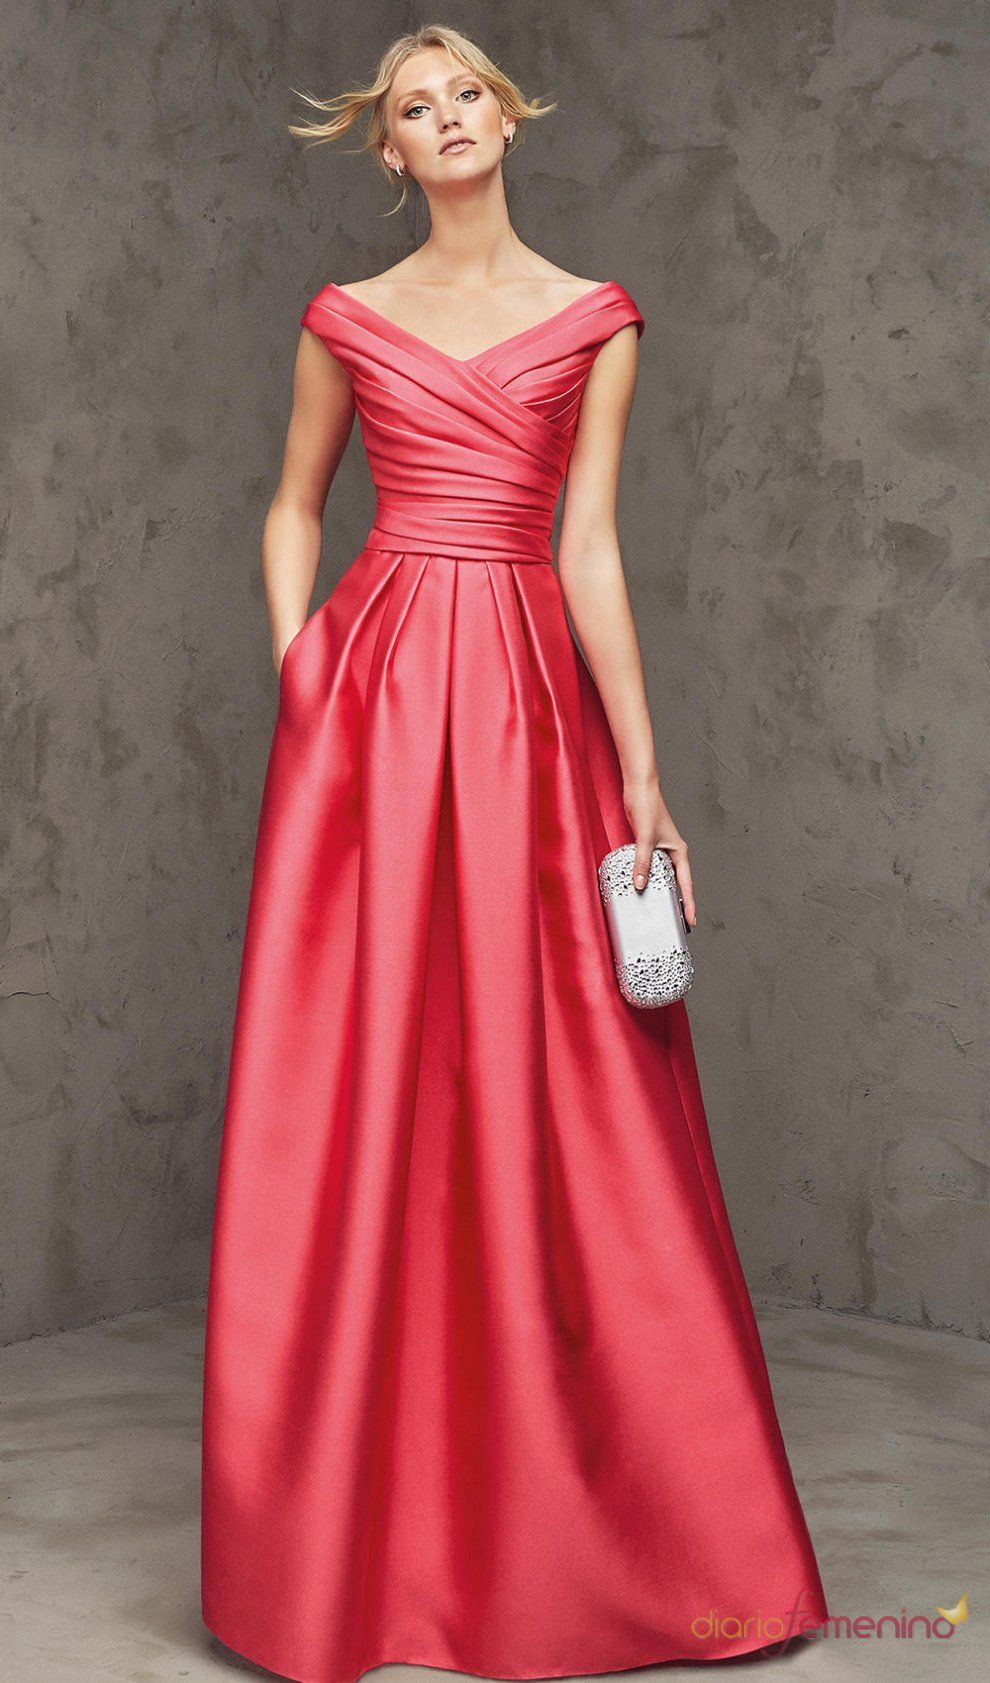 816e9e331 comprar 2016 piso longitud con cuello v con volantes blusa vestidos noche  raso 61915 baratos en línea